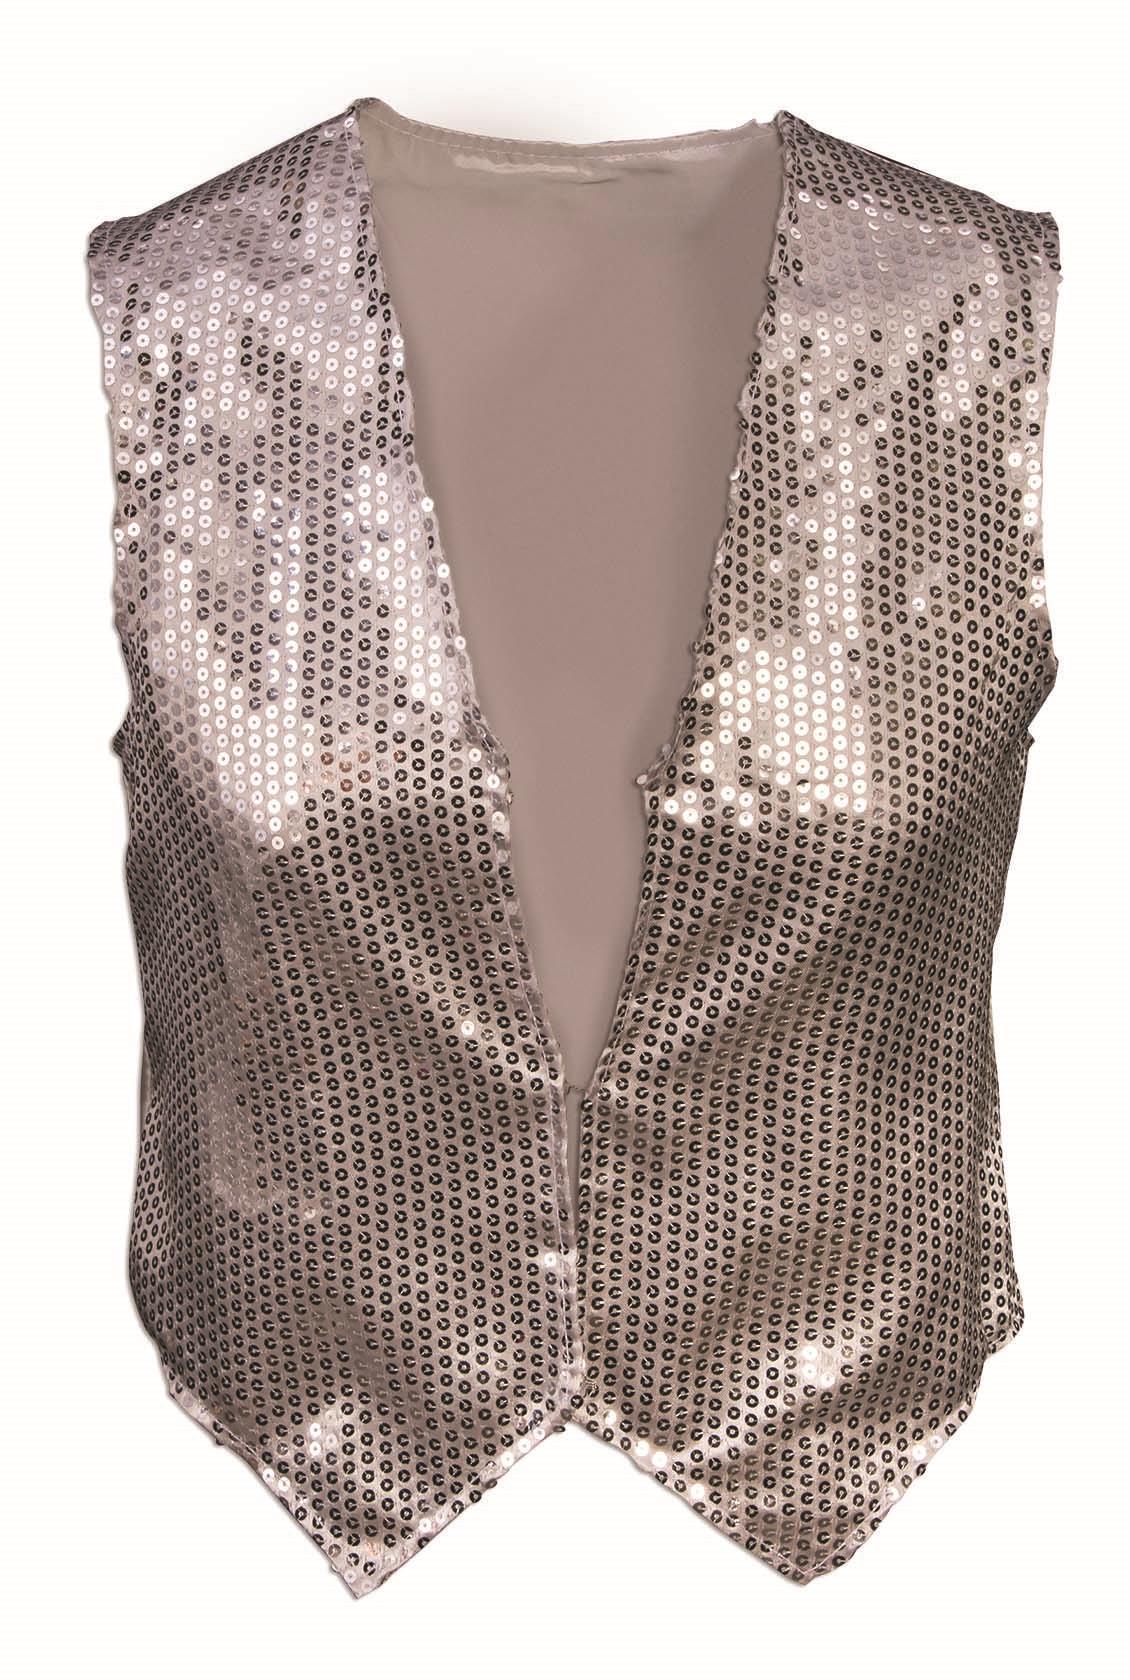 Size L size 10-12 Vtg 80s\u2019s sequence vest diamond shaped design unisex by modi jeweled